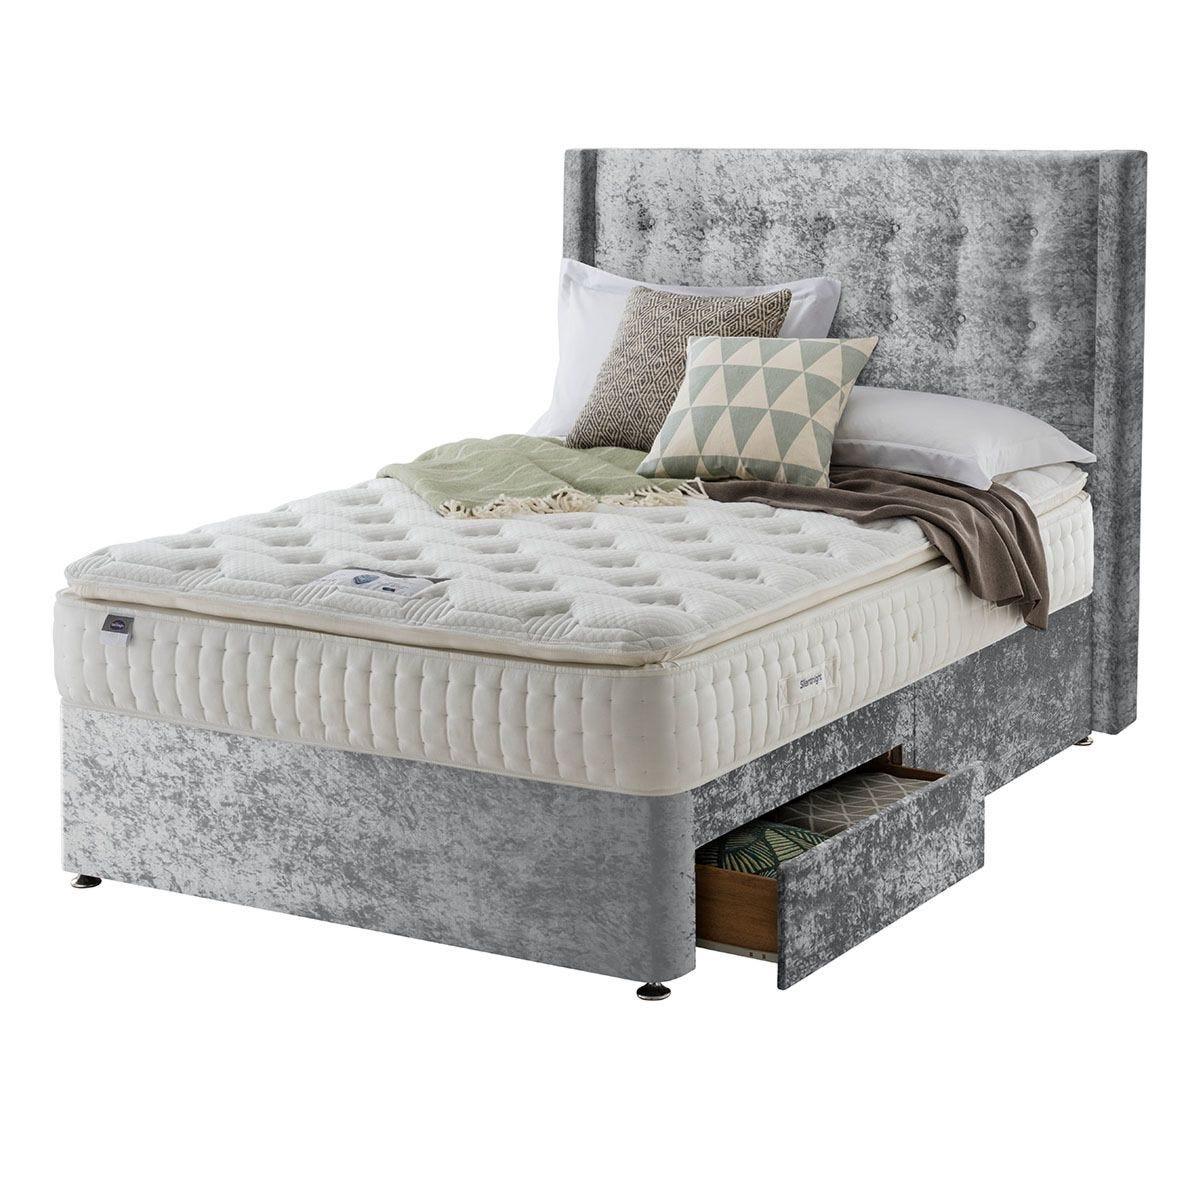 Silentnight Mirapocket Latex 1000 2-Drawer Divan Bed - Crushed Velvet Light Grey Double